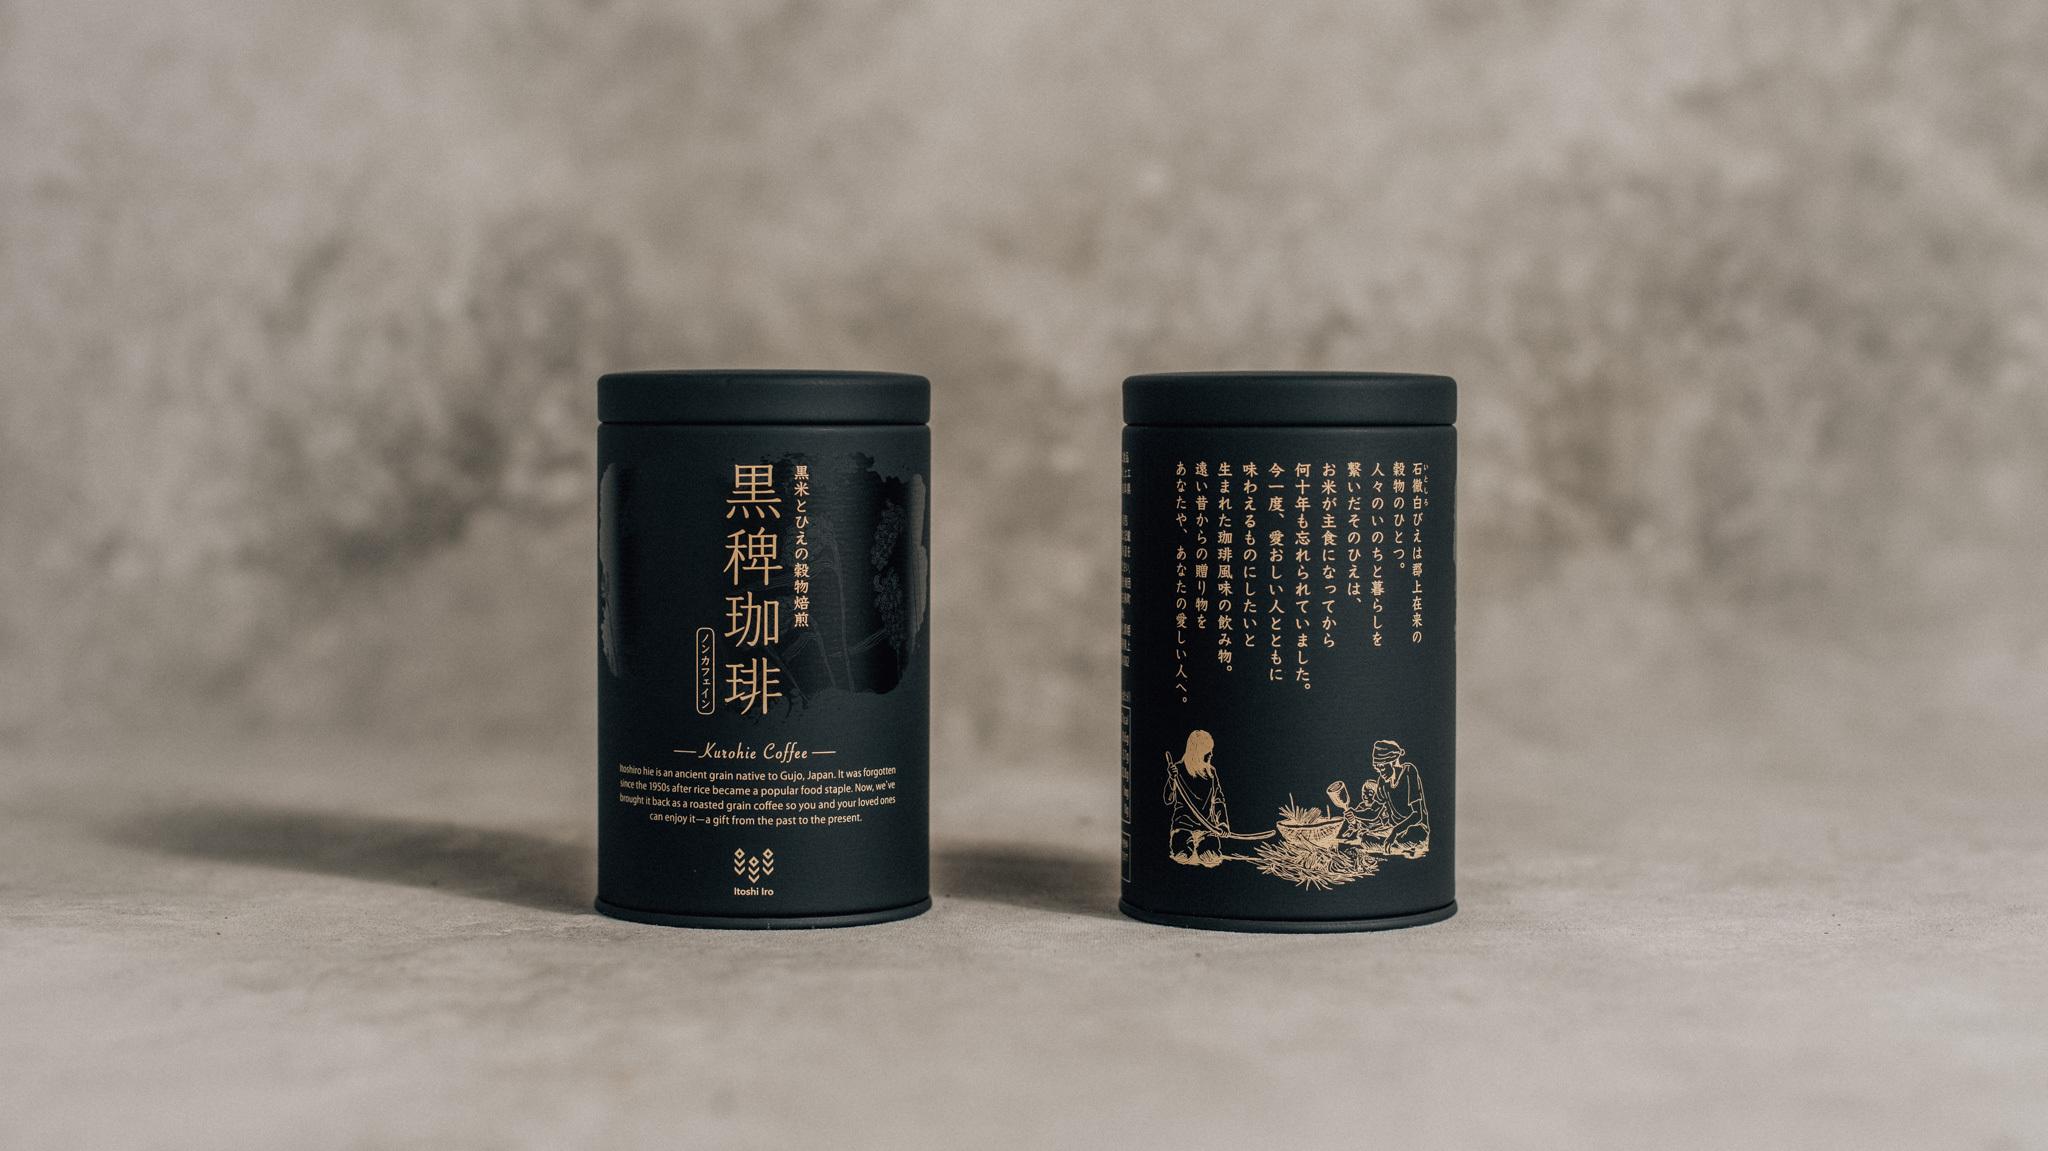 黒稗珈琲/Kuro-hie coffee